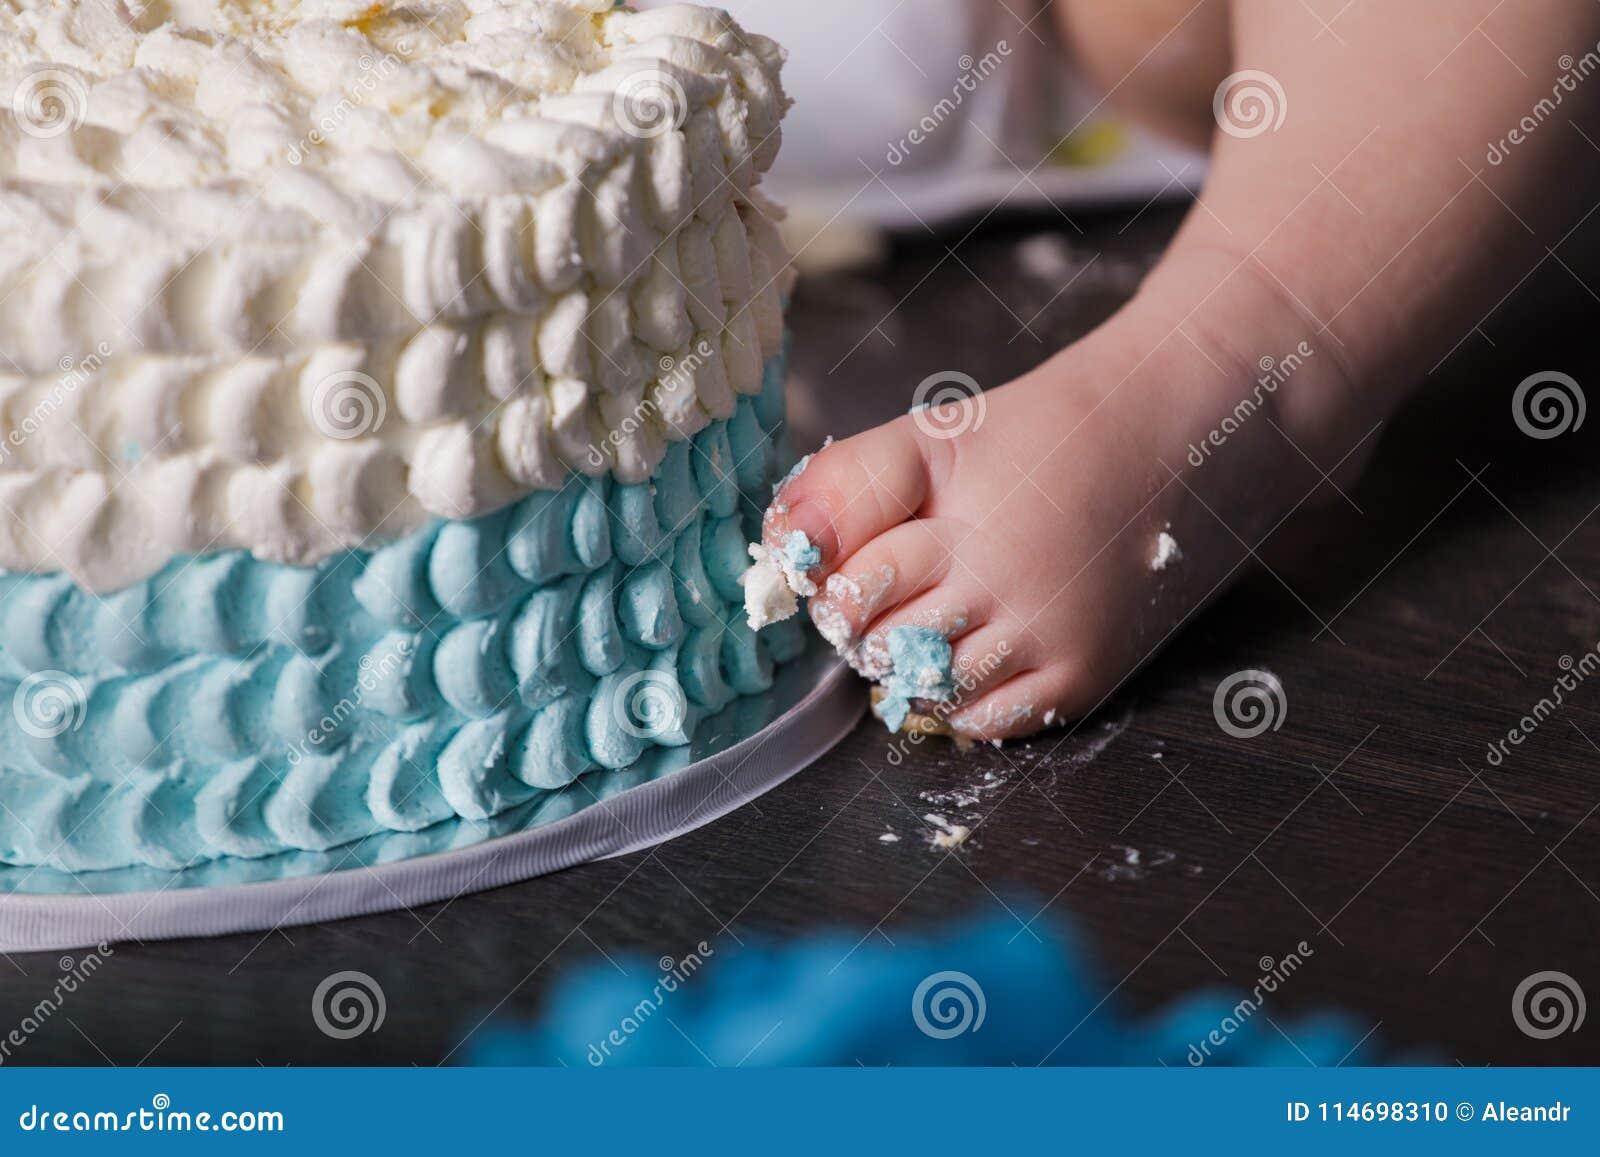 Bebe De 1 Ano Que Celebra Su Primer Cumpleanos Foto De Archivo